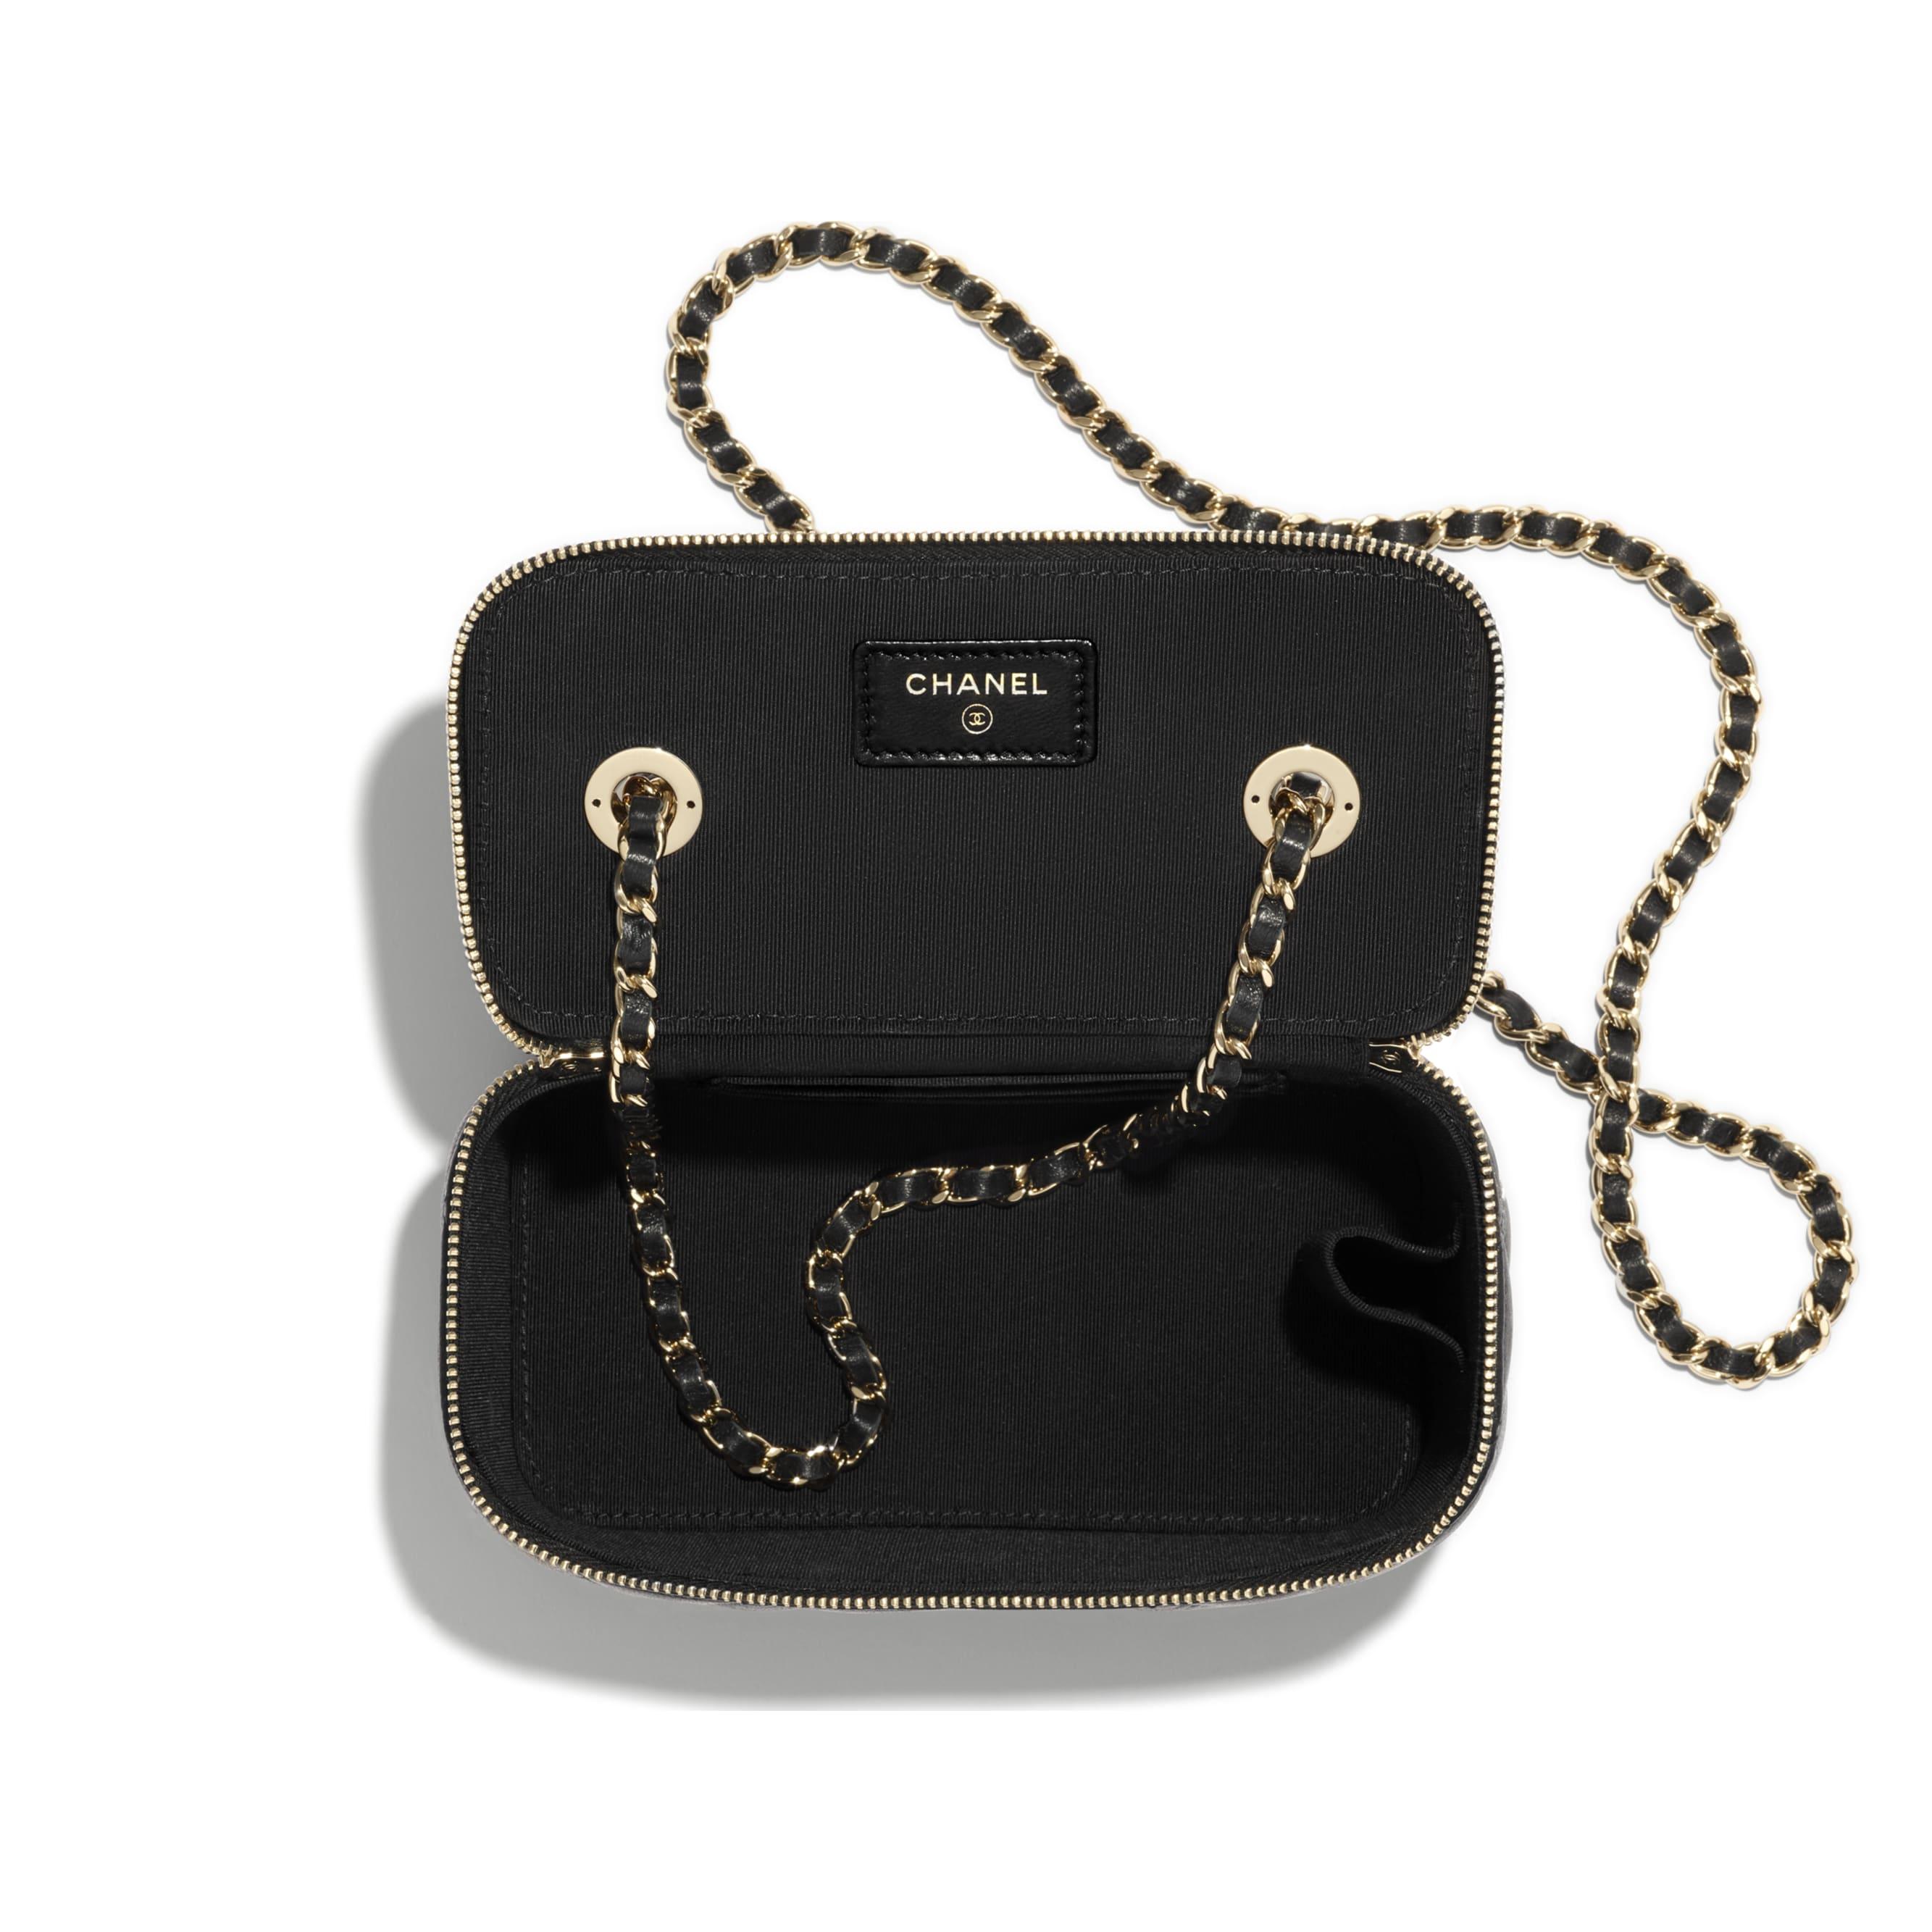 Vanity con cadena clásica - Negro - Piel de cordero y metal plateado - CHANEL - Otra vista - ver la versión tamaño estándar